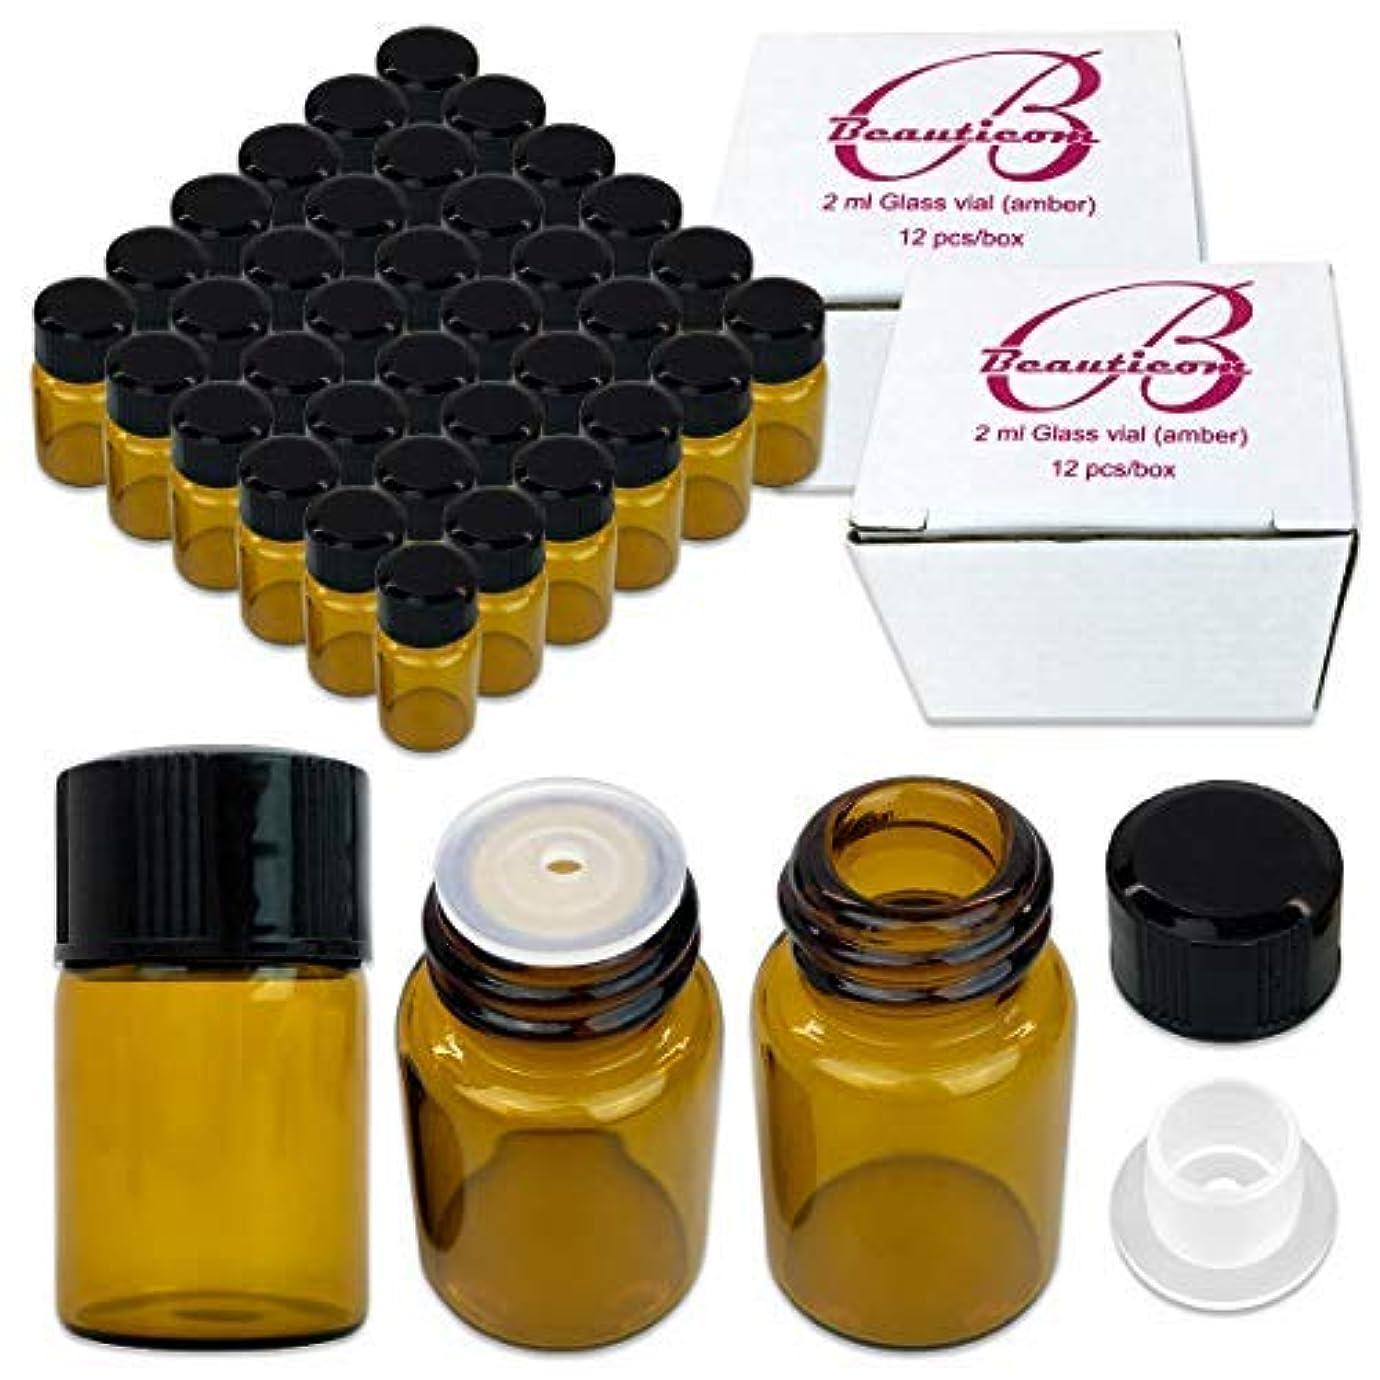 エミュレーション大胆な七面鳥72 Packs Beauticom 2ML Amber Glass Vial for Essential Oils, Aromatherapy, Fragrance, Serums, Spritzes, with Orifice...